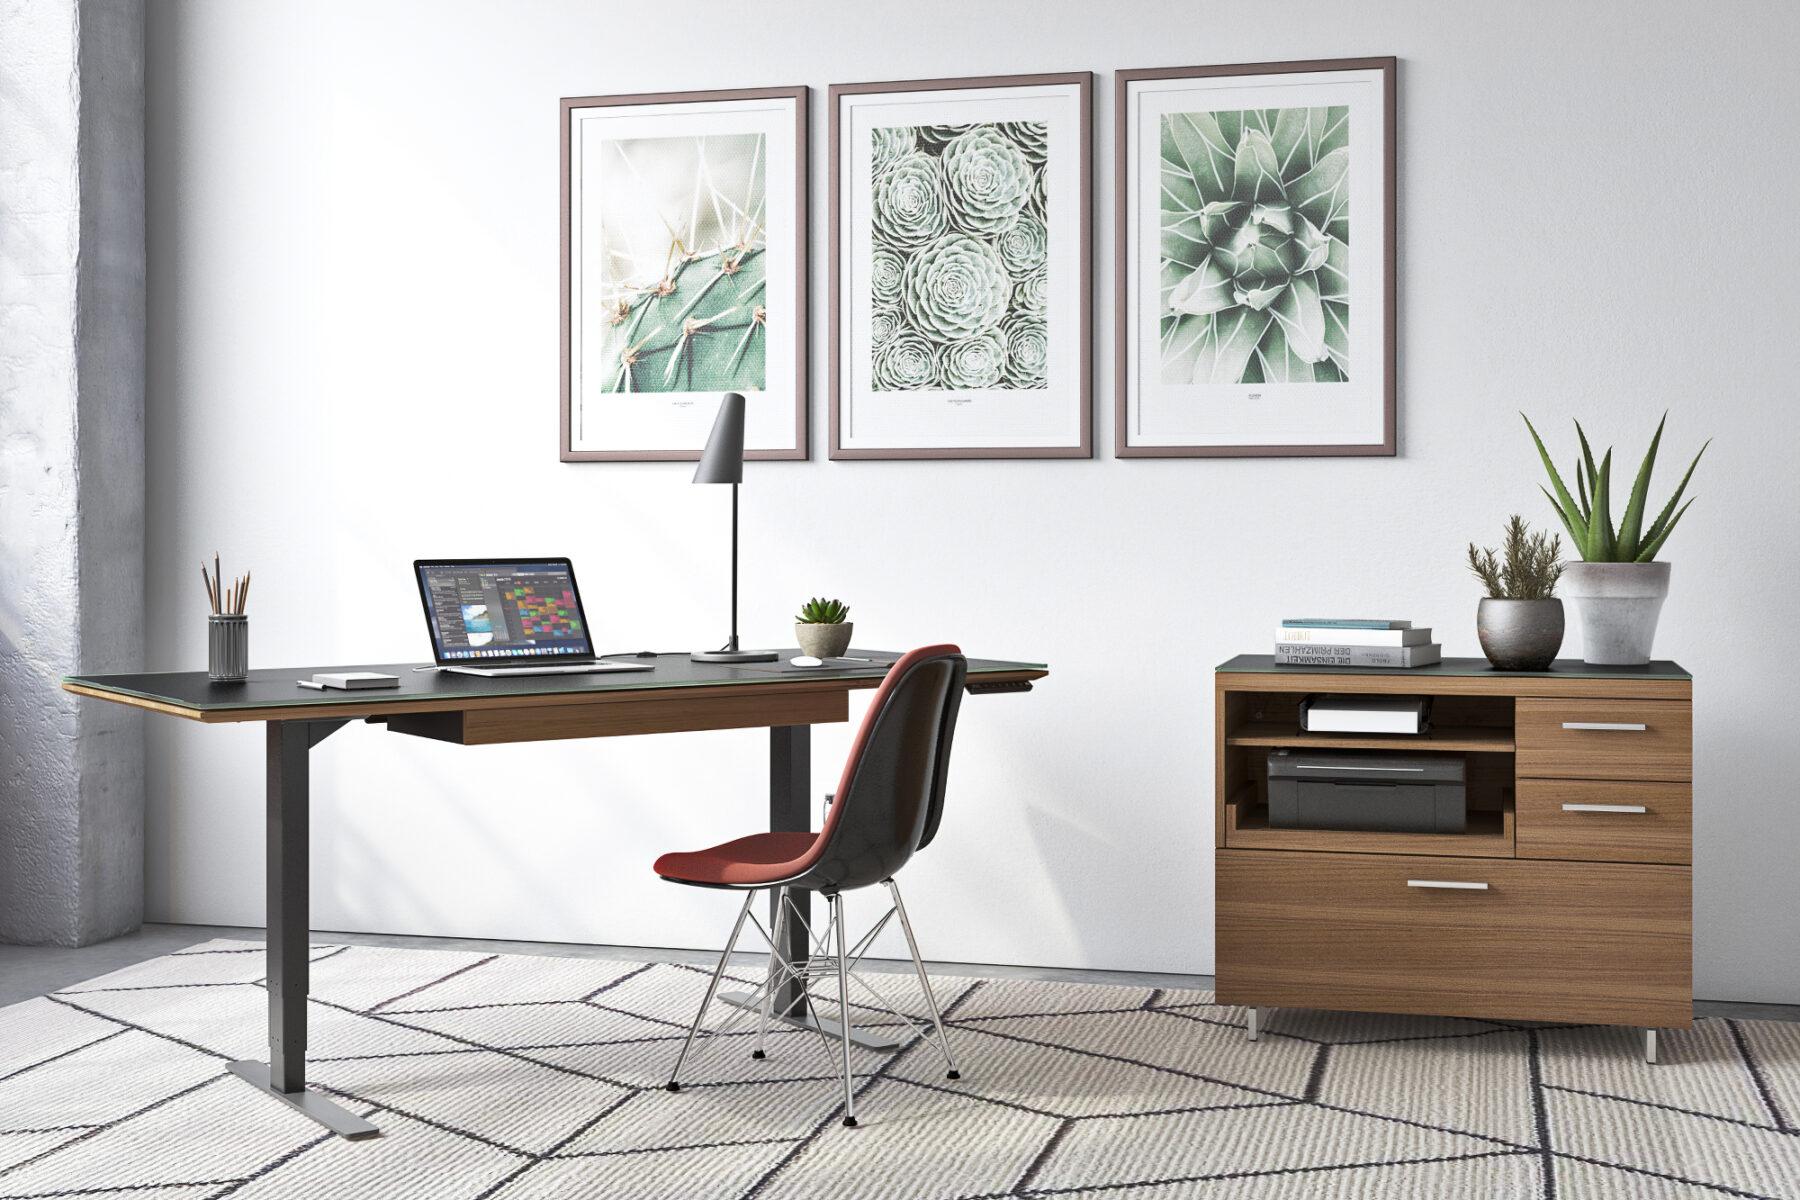 sequel-lift-desk-6152-6159-6117-wl-modern-standing-desk-5